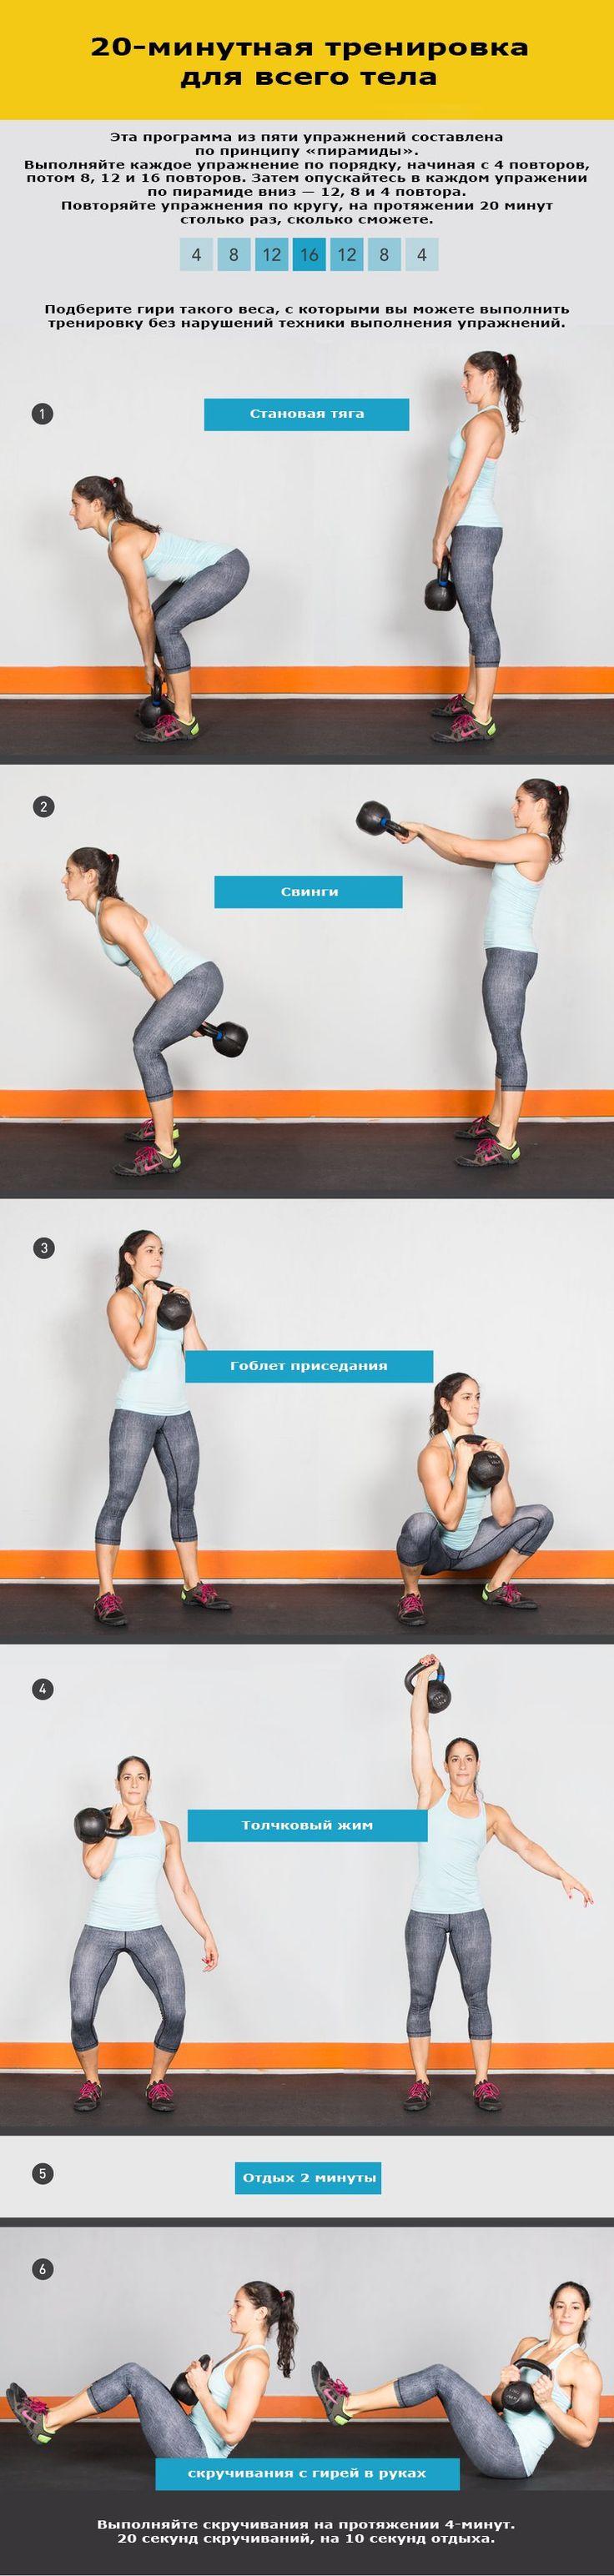 20-минутная тренировка для всего тела